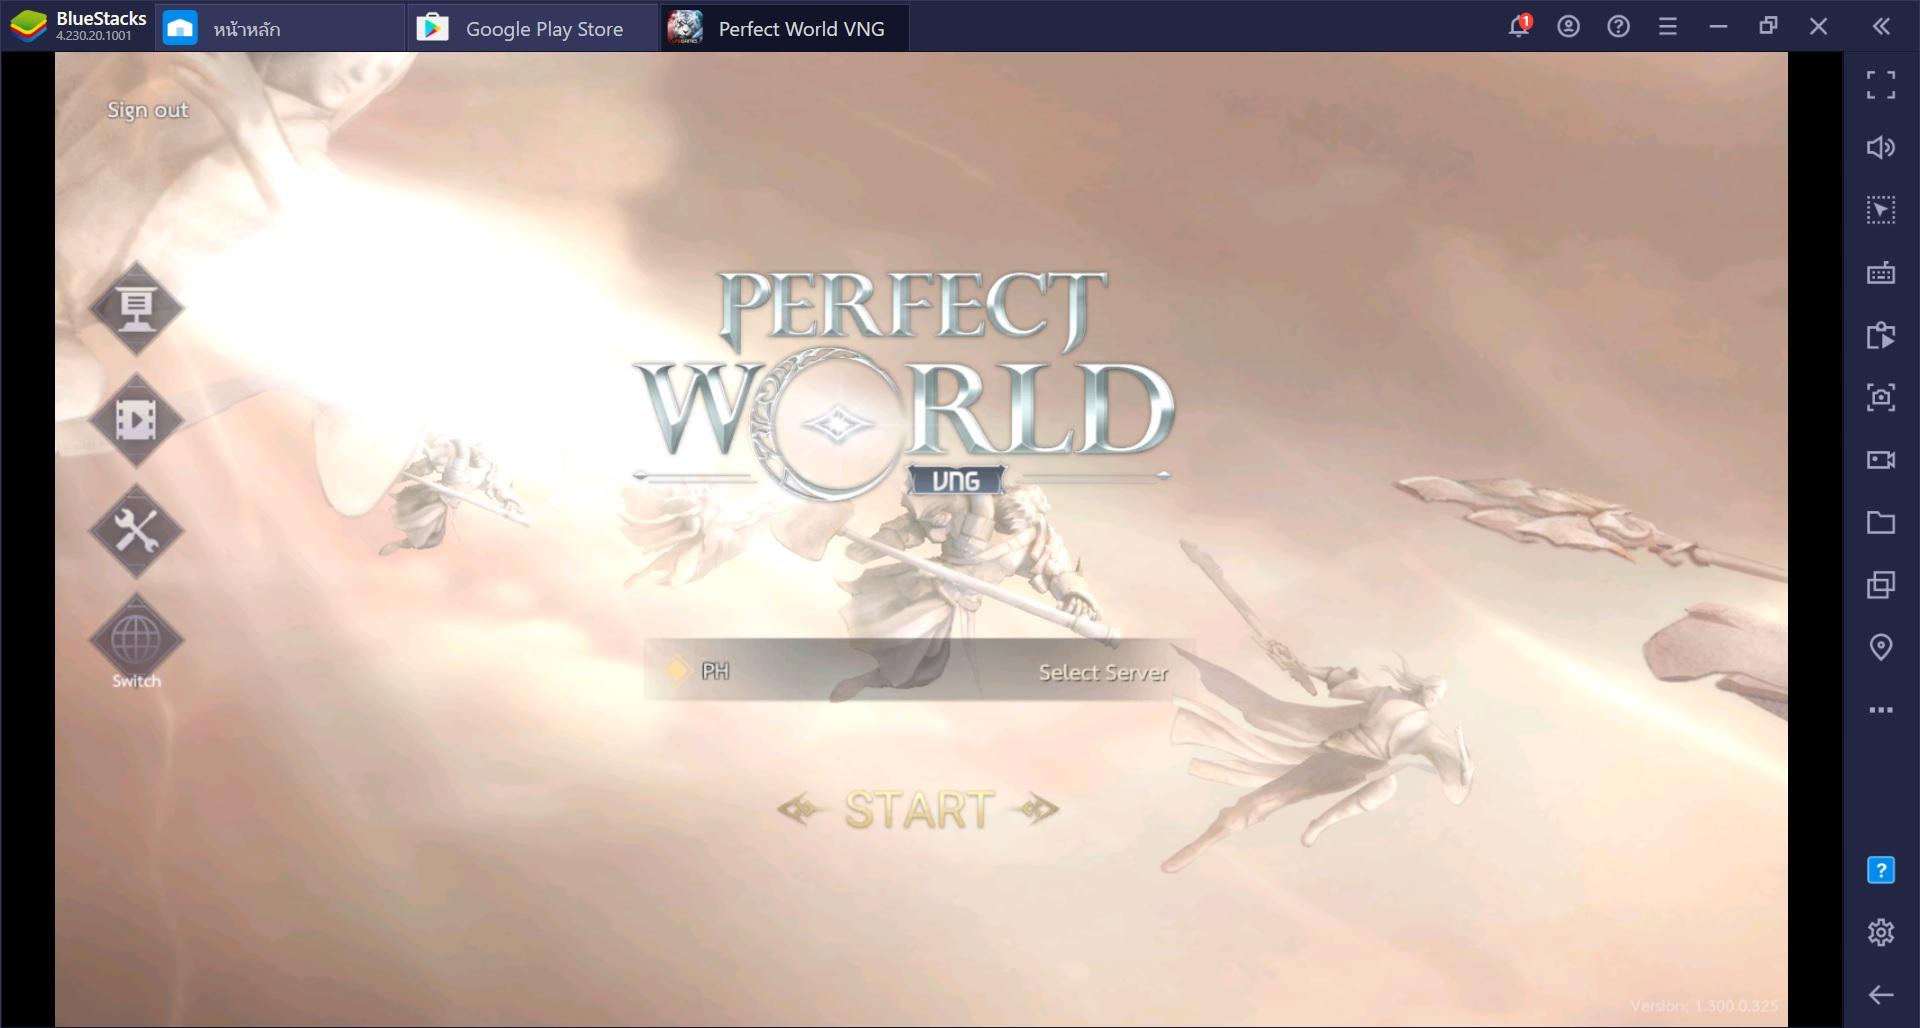 เพราะอะไรถึงต้องเล่น Perfect World VNG – Fly With Me ผ่าน BlueStacks